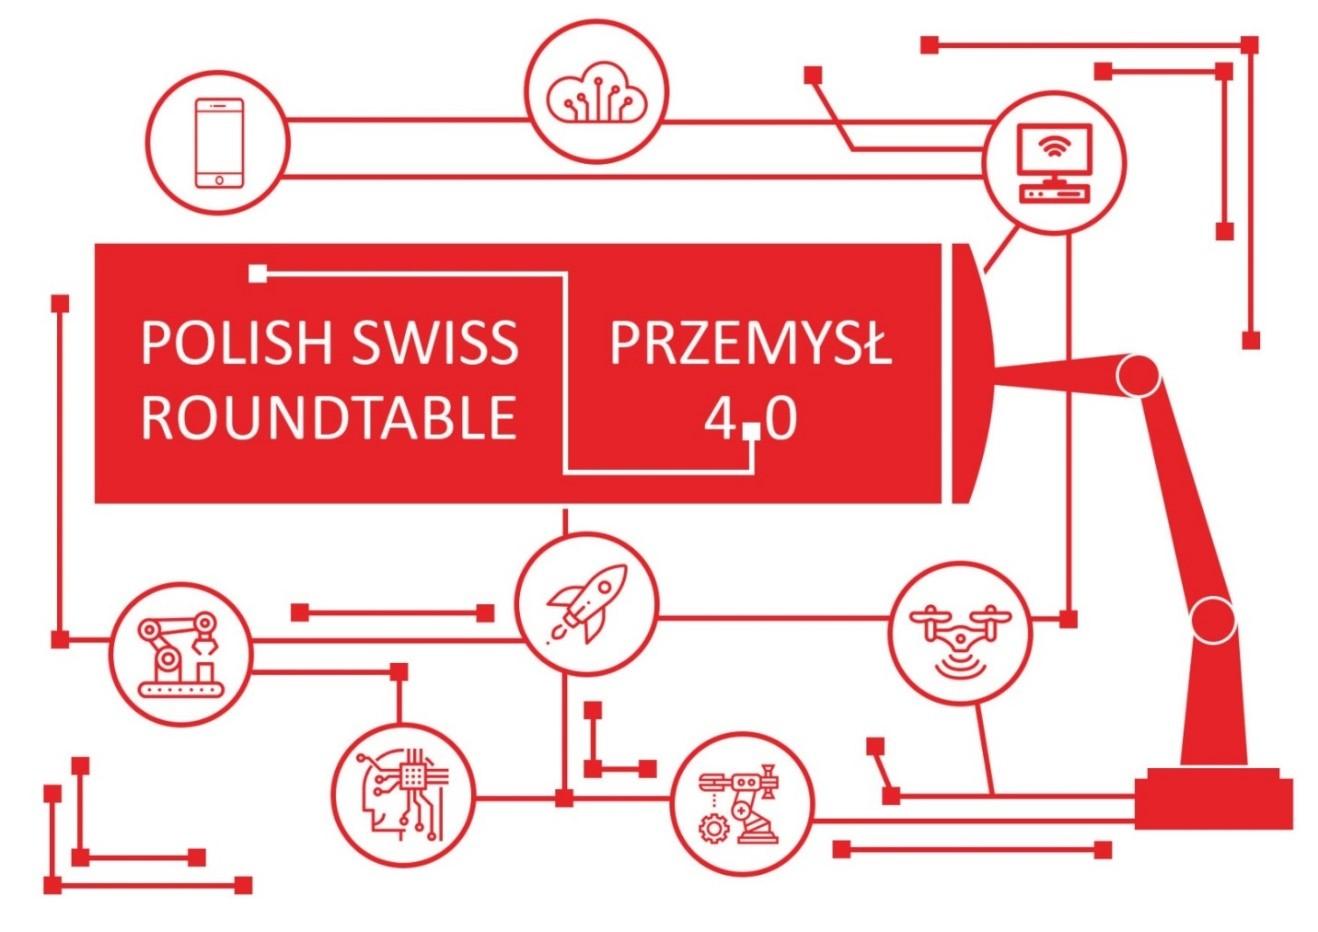 Polish swiss roundtable-patronat Lukasiewicz-PIAP